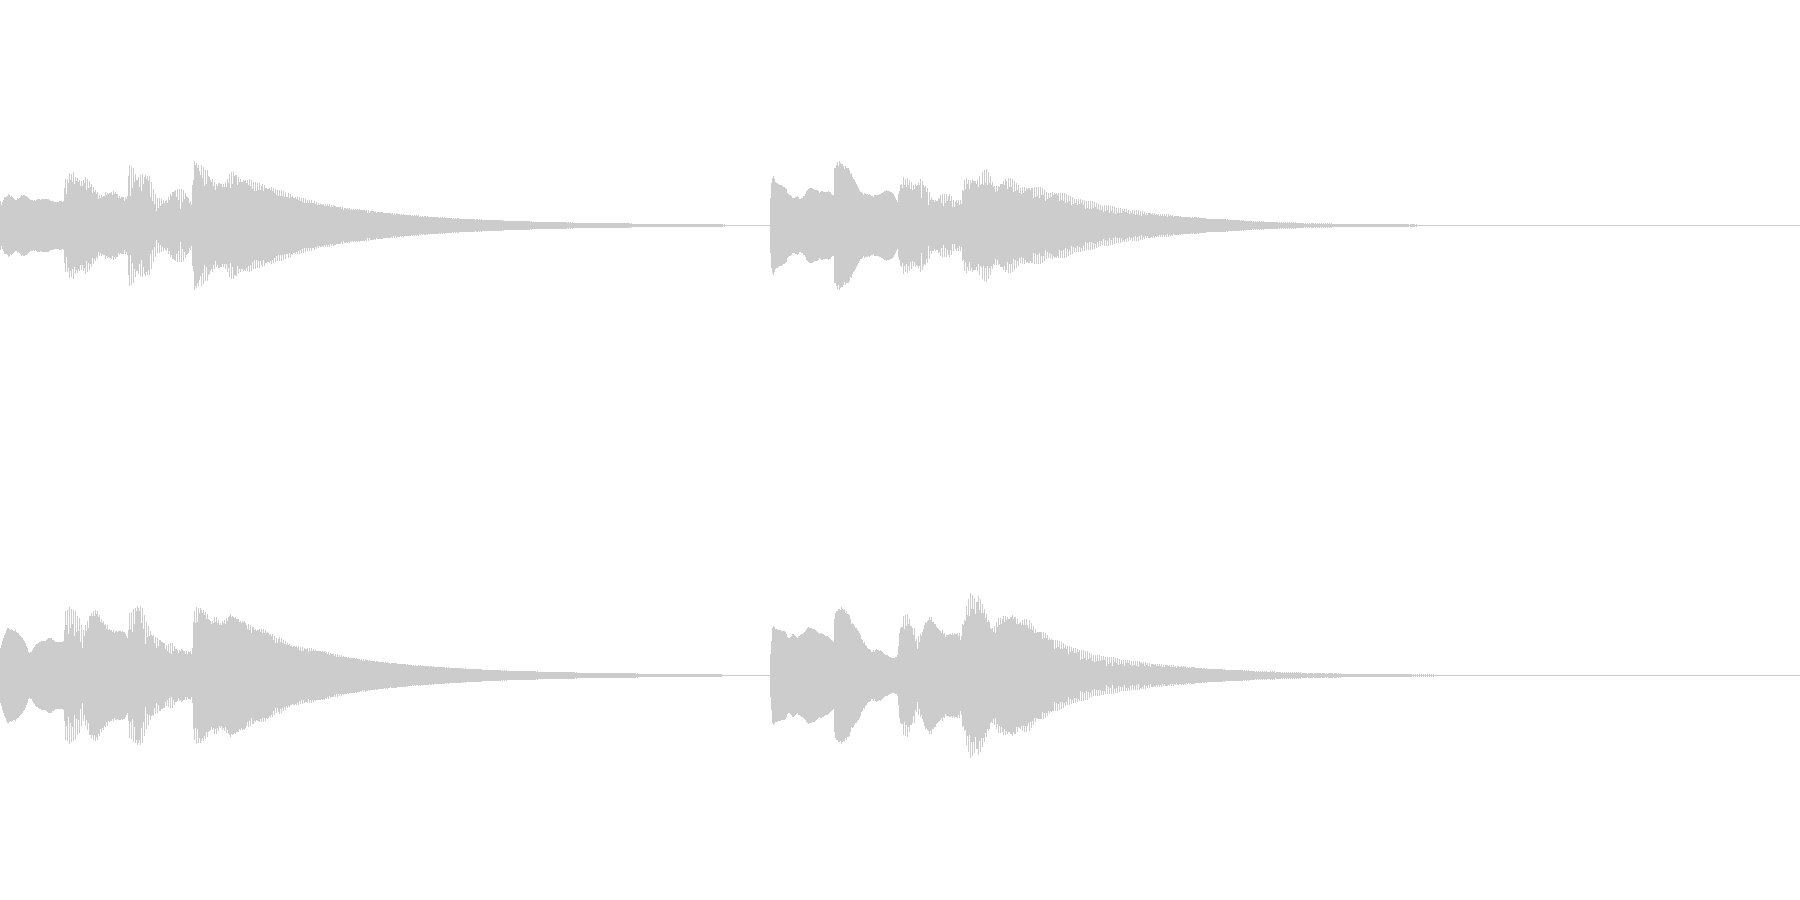 シンプルなピンポンパンポンチャイムの未再生の波形